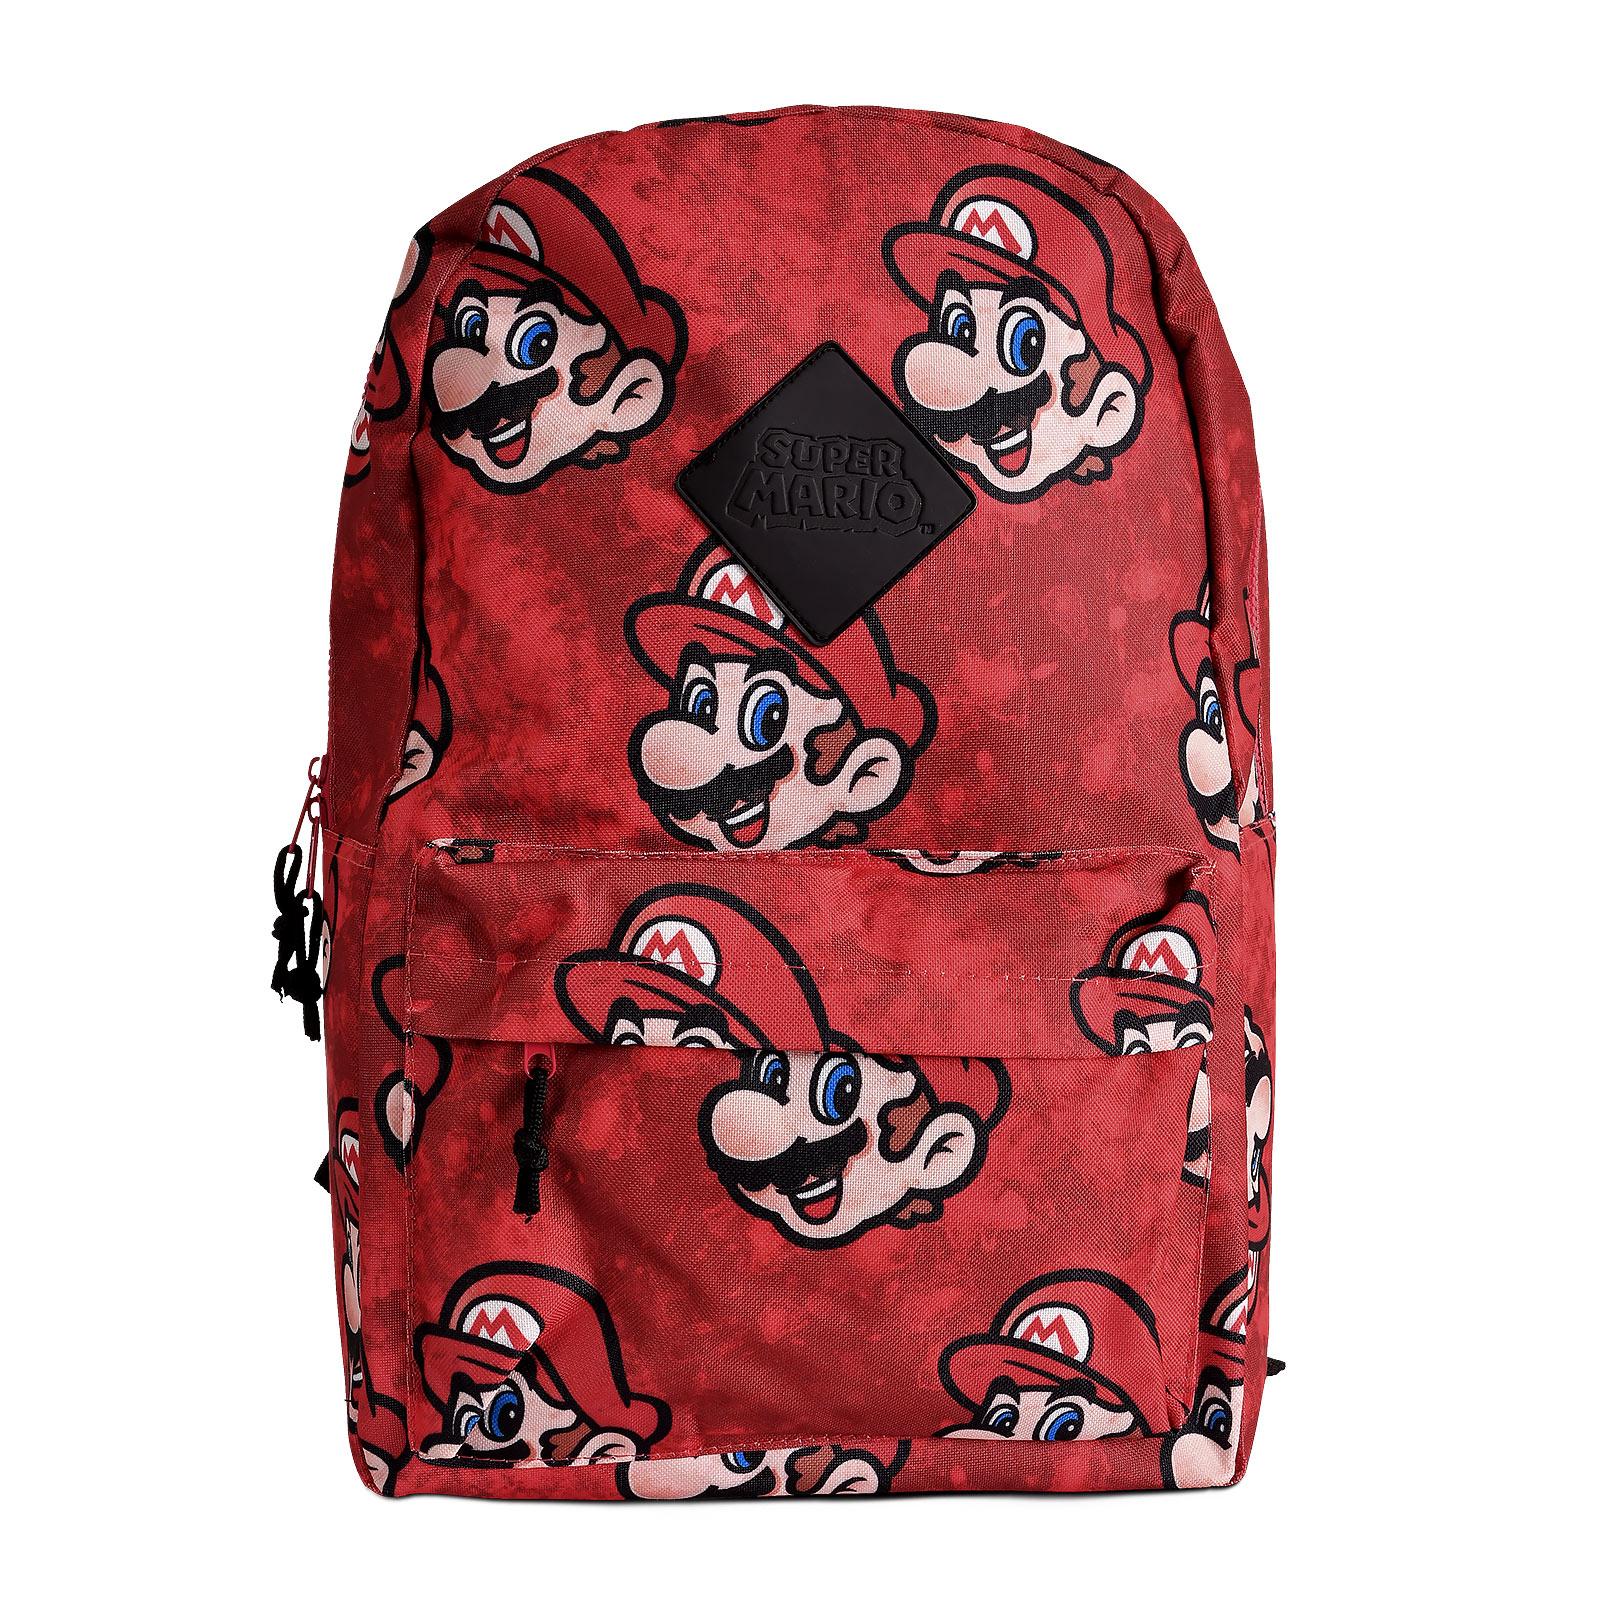 Super Mario - Faces Rucksack rot